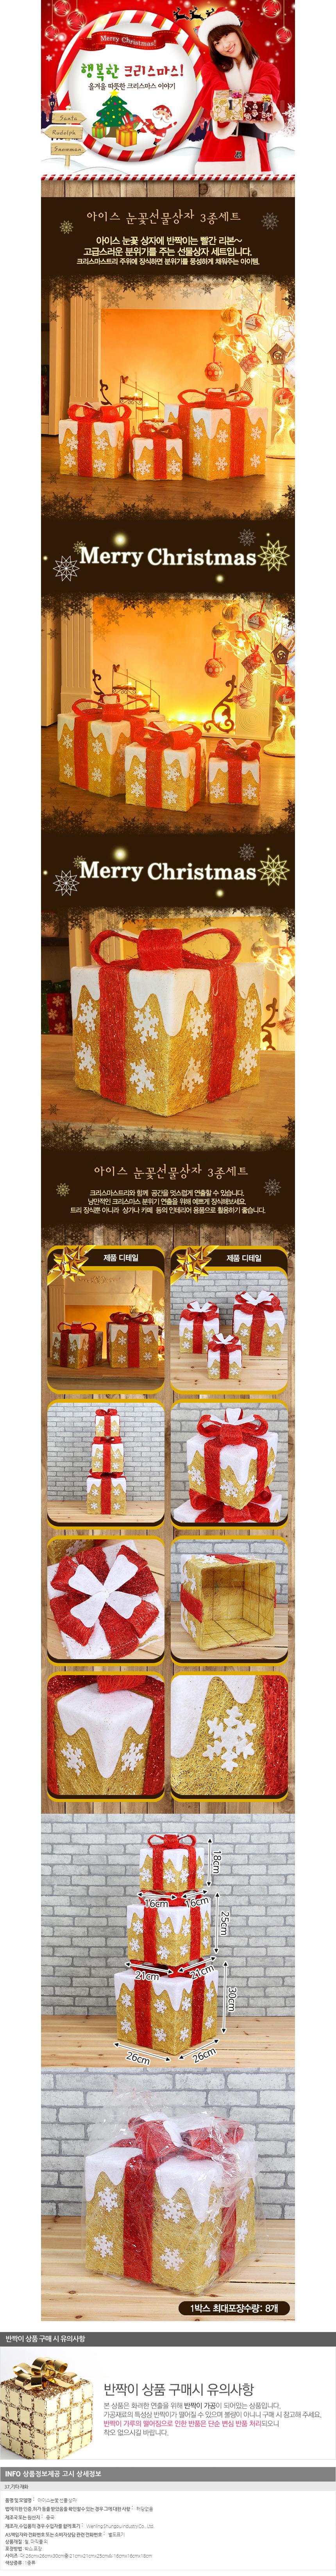 로즈트리 크리스마스 선물상자 3종 세트 - 기프트갓, 50,100원, 장식품, 크리스마스소품